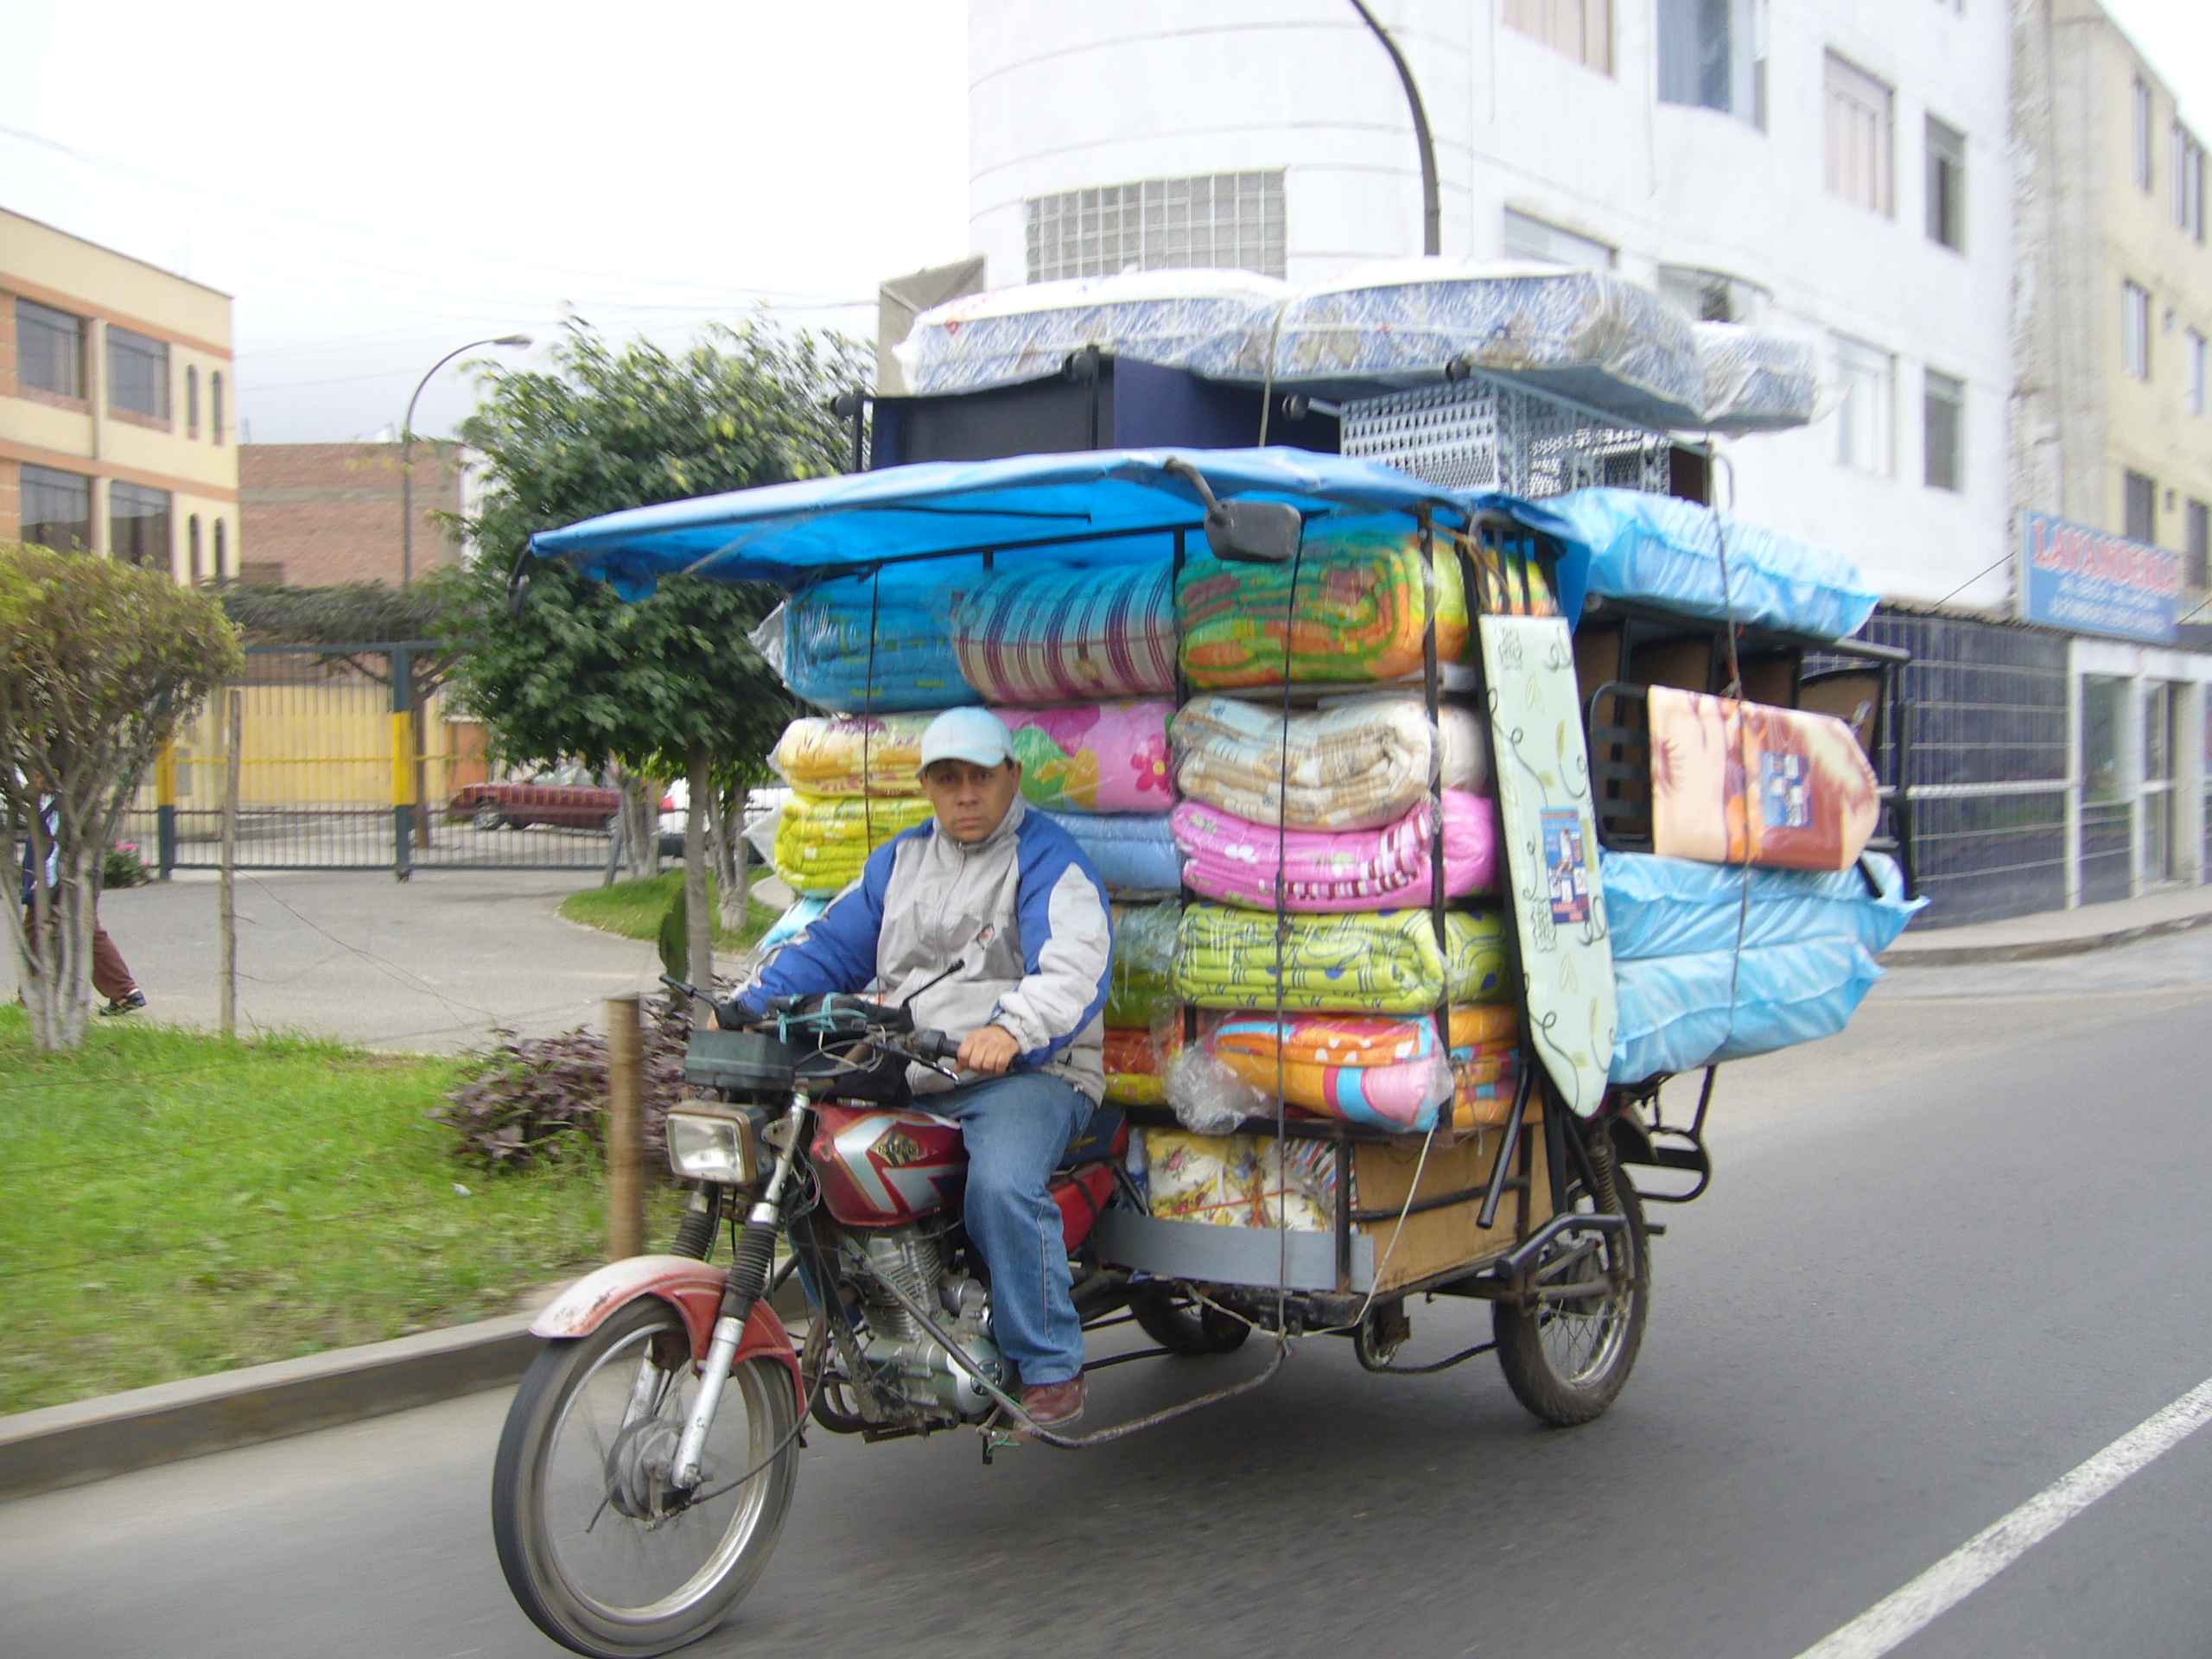 Radreise Peru 2008 - Motor-Rikscha in Lima